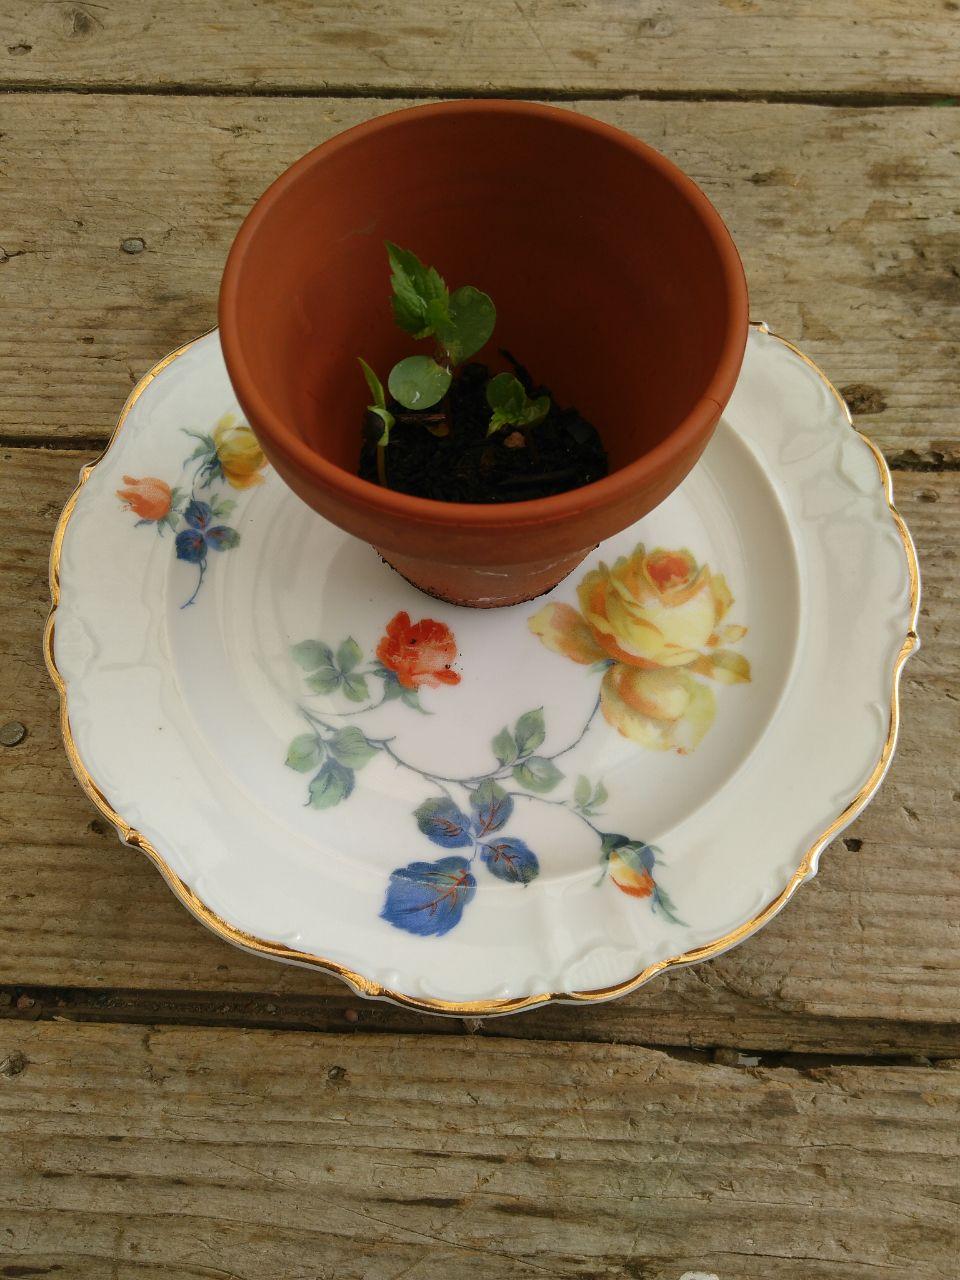 """Keimling - Blüte - Frucht. Werden und Vergehen. Unser Teller macht Halt im Sihltal, in der Nähe von Zürich. Bei dem Keimling handelt es sich um eine alte Kultursorte namens """"Berner Rose""""."""